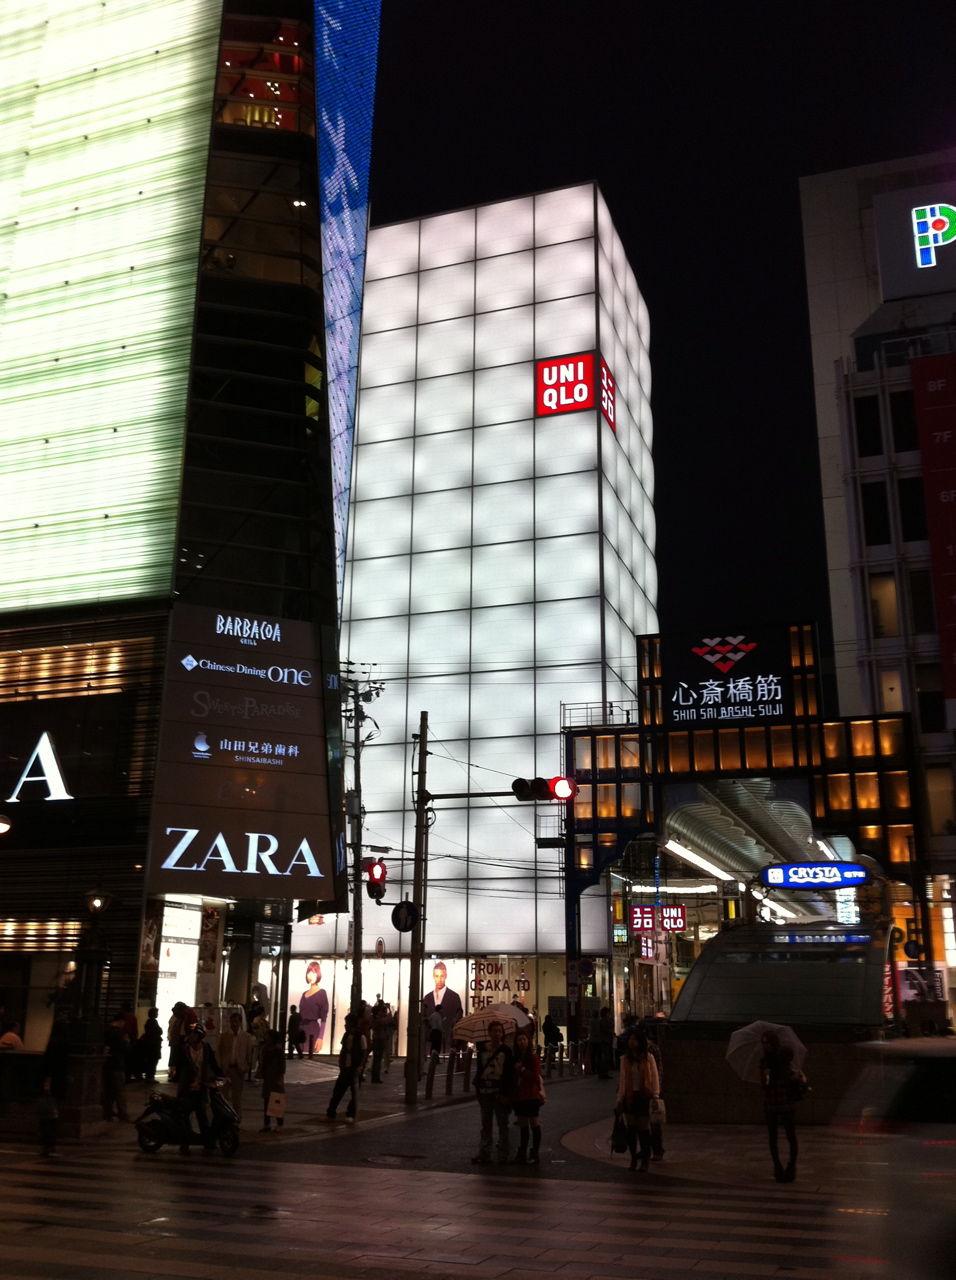 ユニクロ心斎橋店